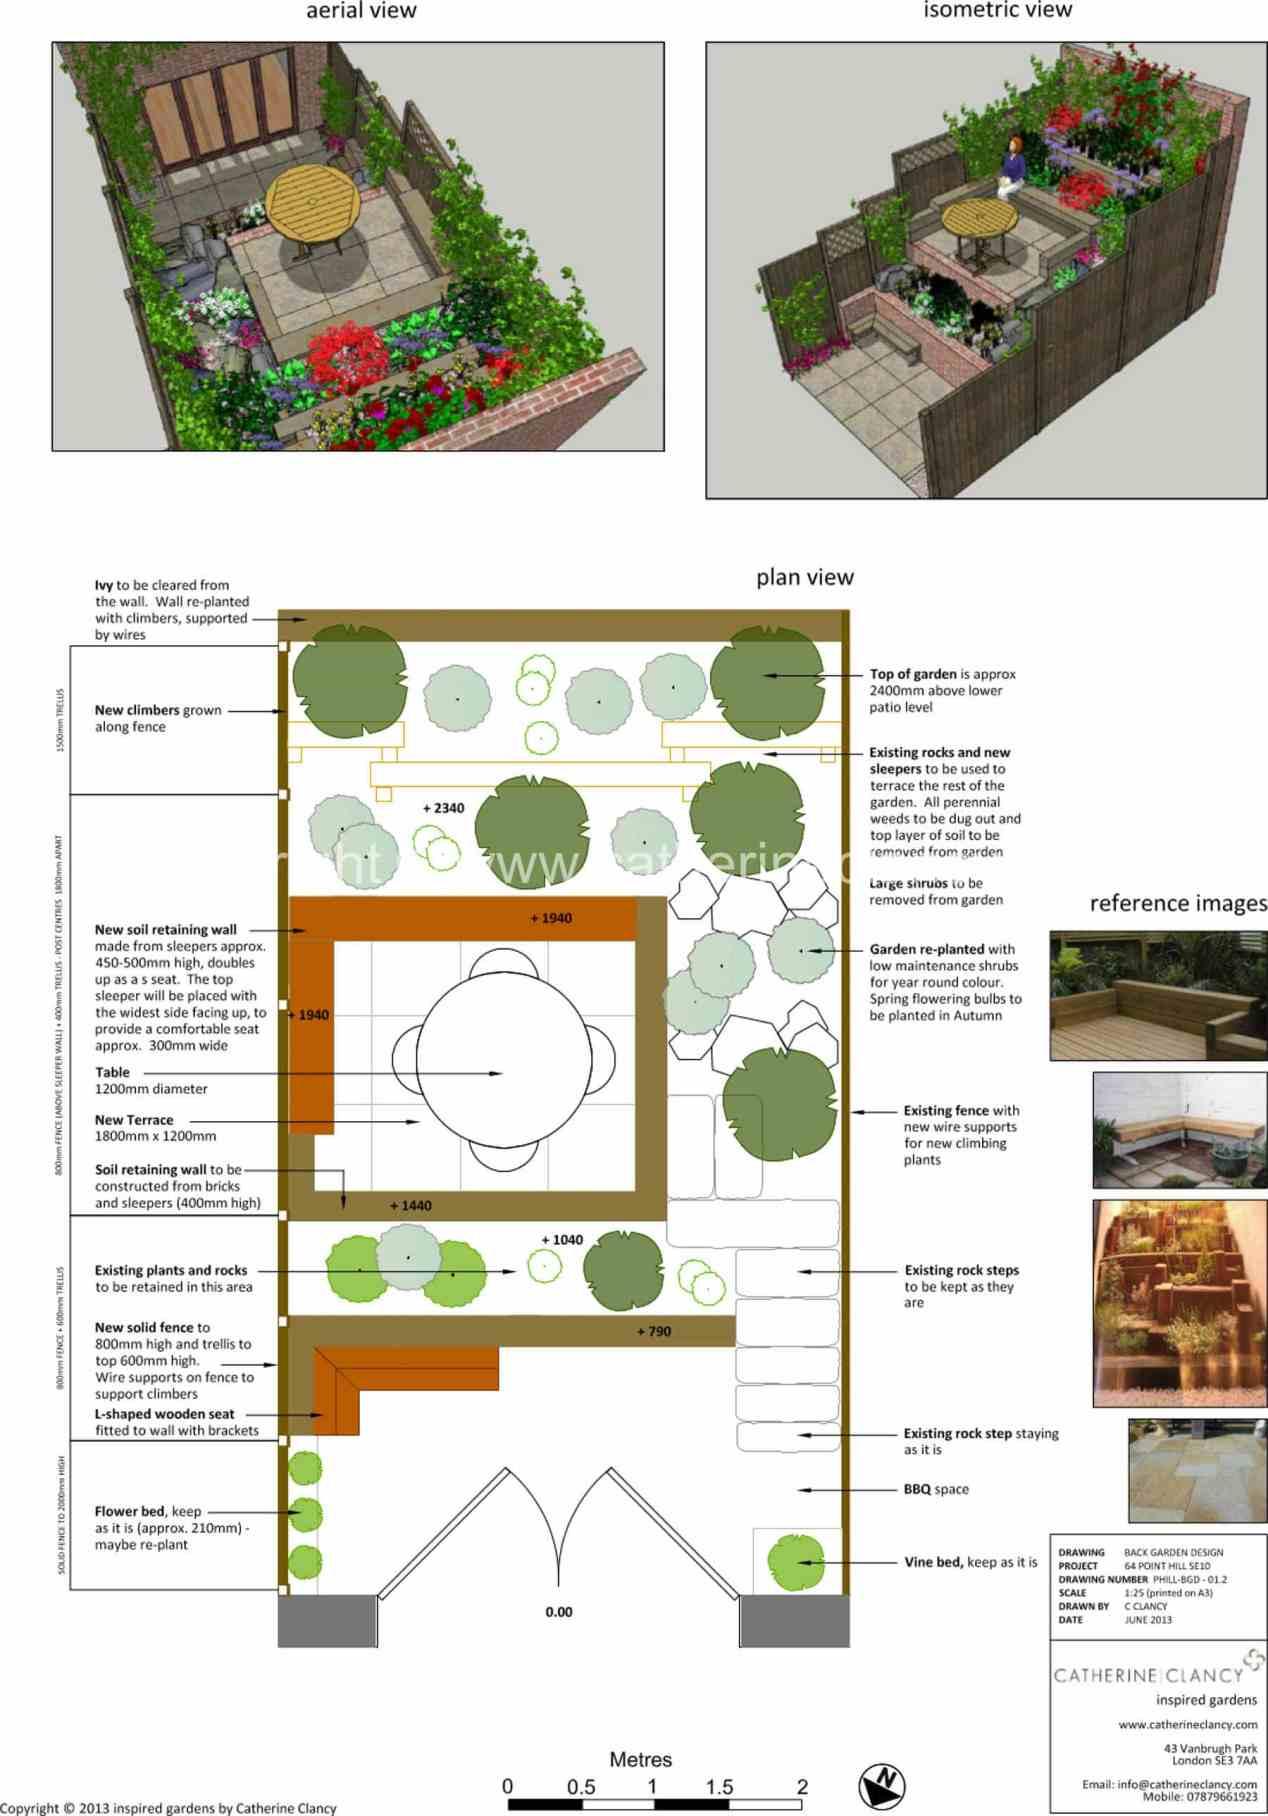 greenwich-terraced-garden-2